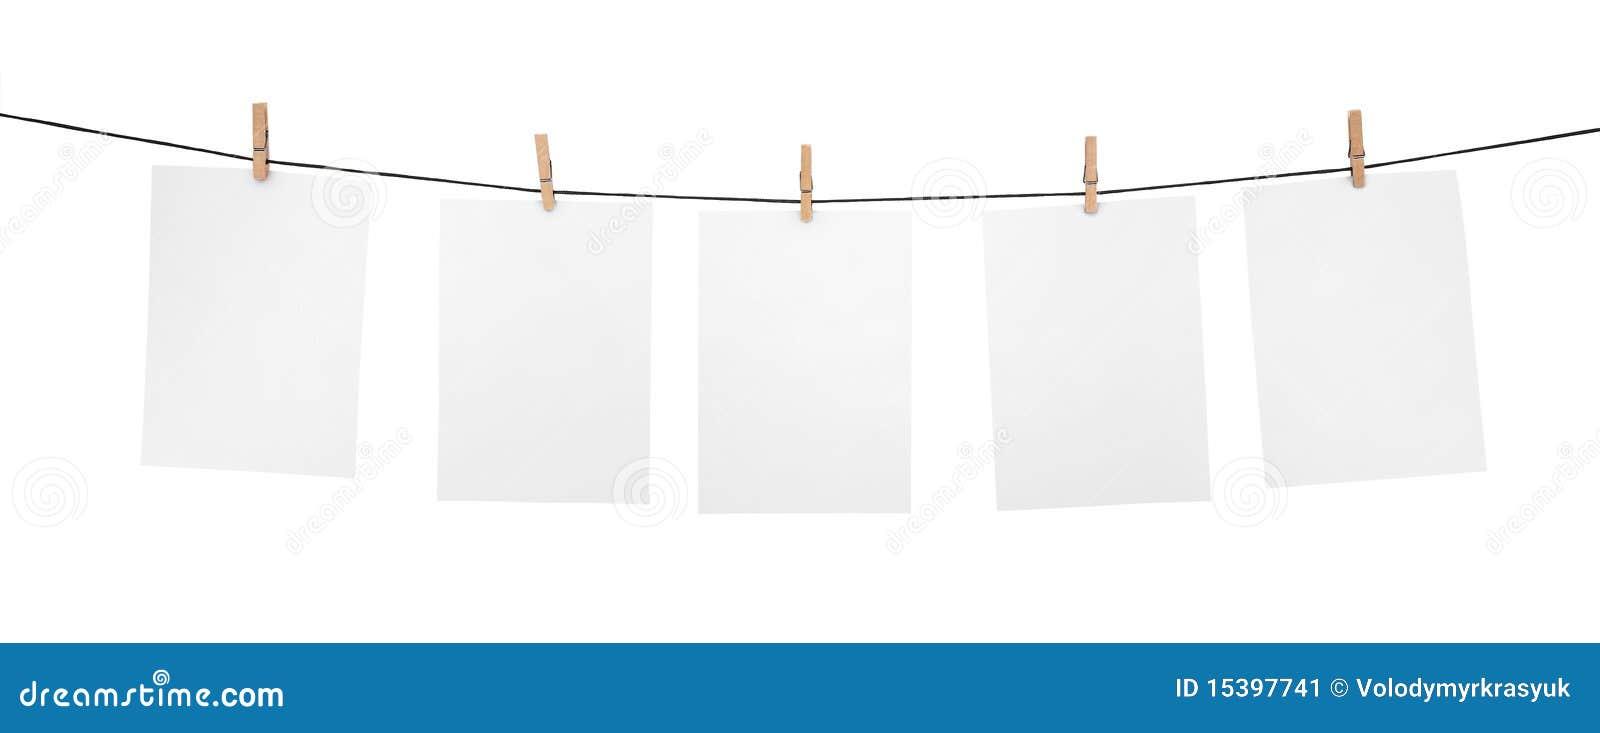 5 Saubere Blätter Auf Wäscheleine Stockbild - Bild: 15397741